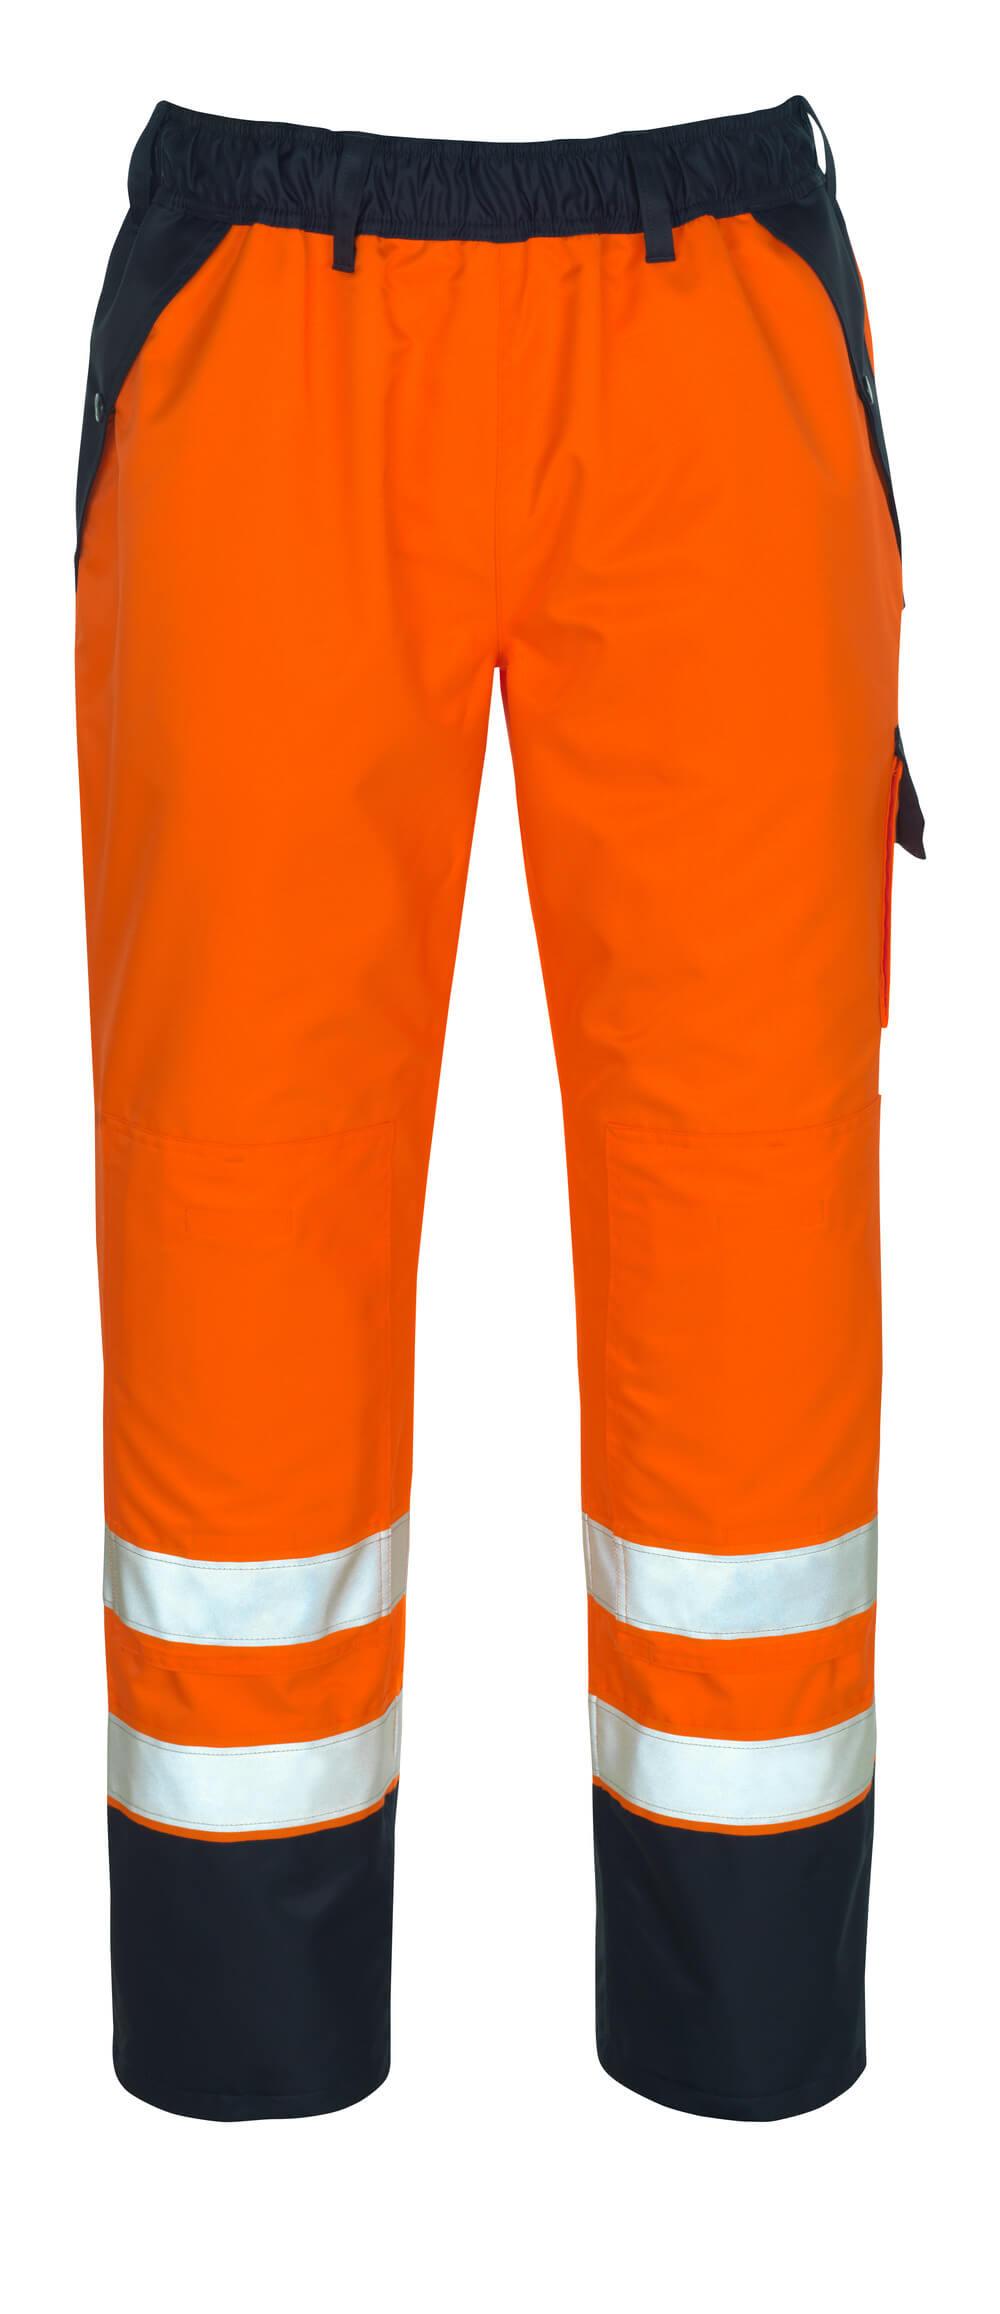 07090-880-141 Surpantalon - Hi-vis orange/Marine